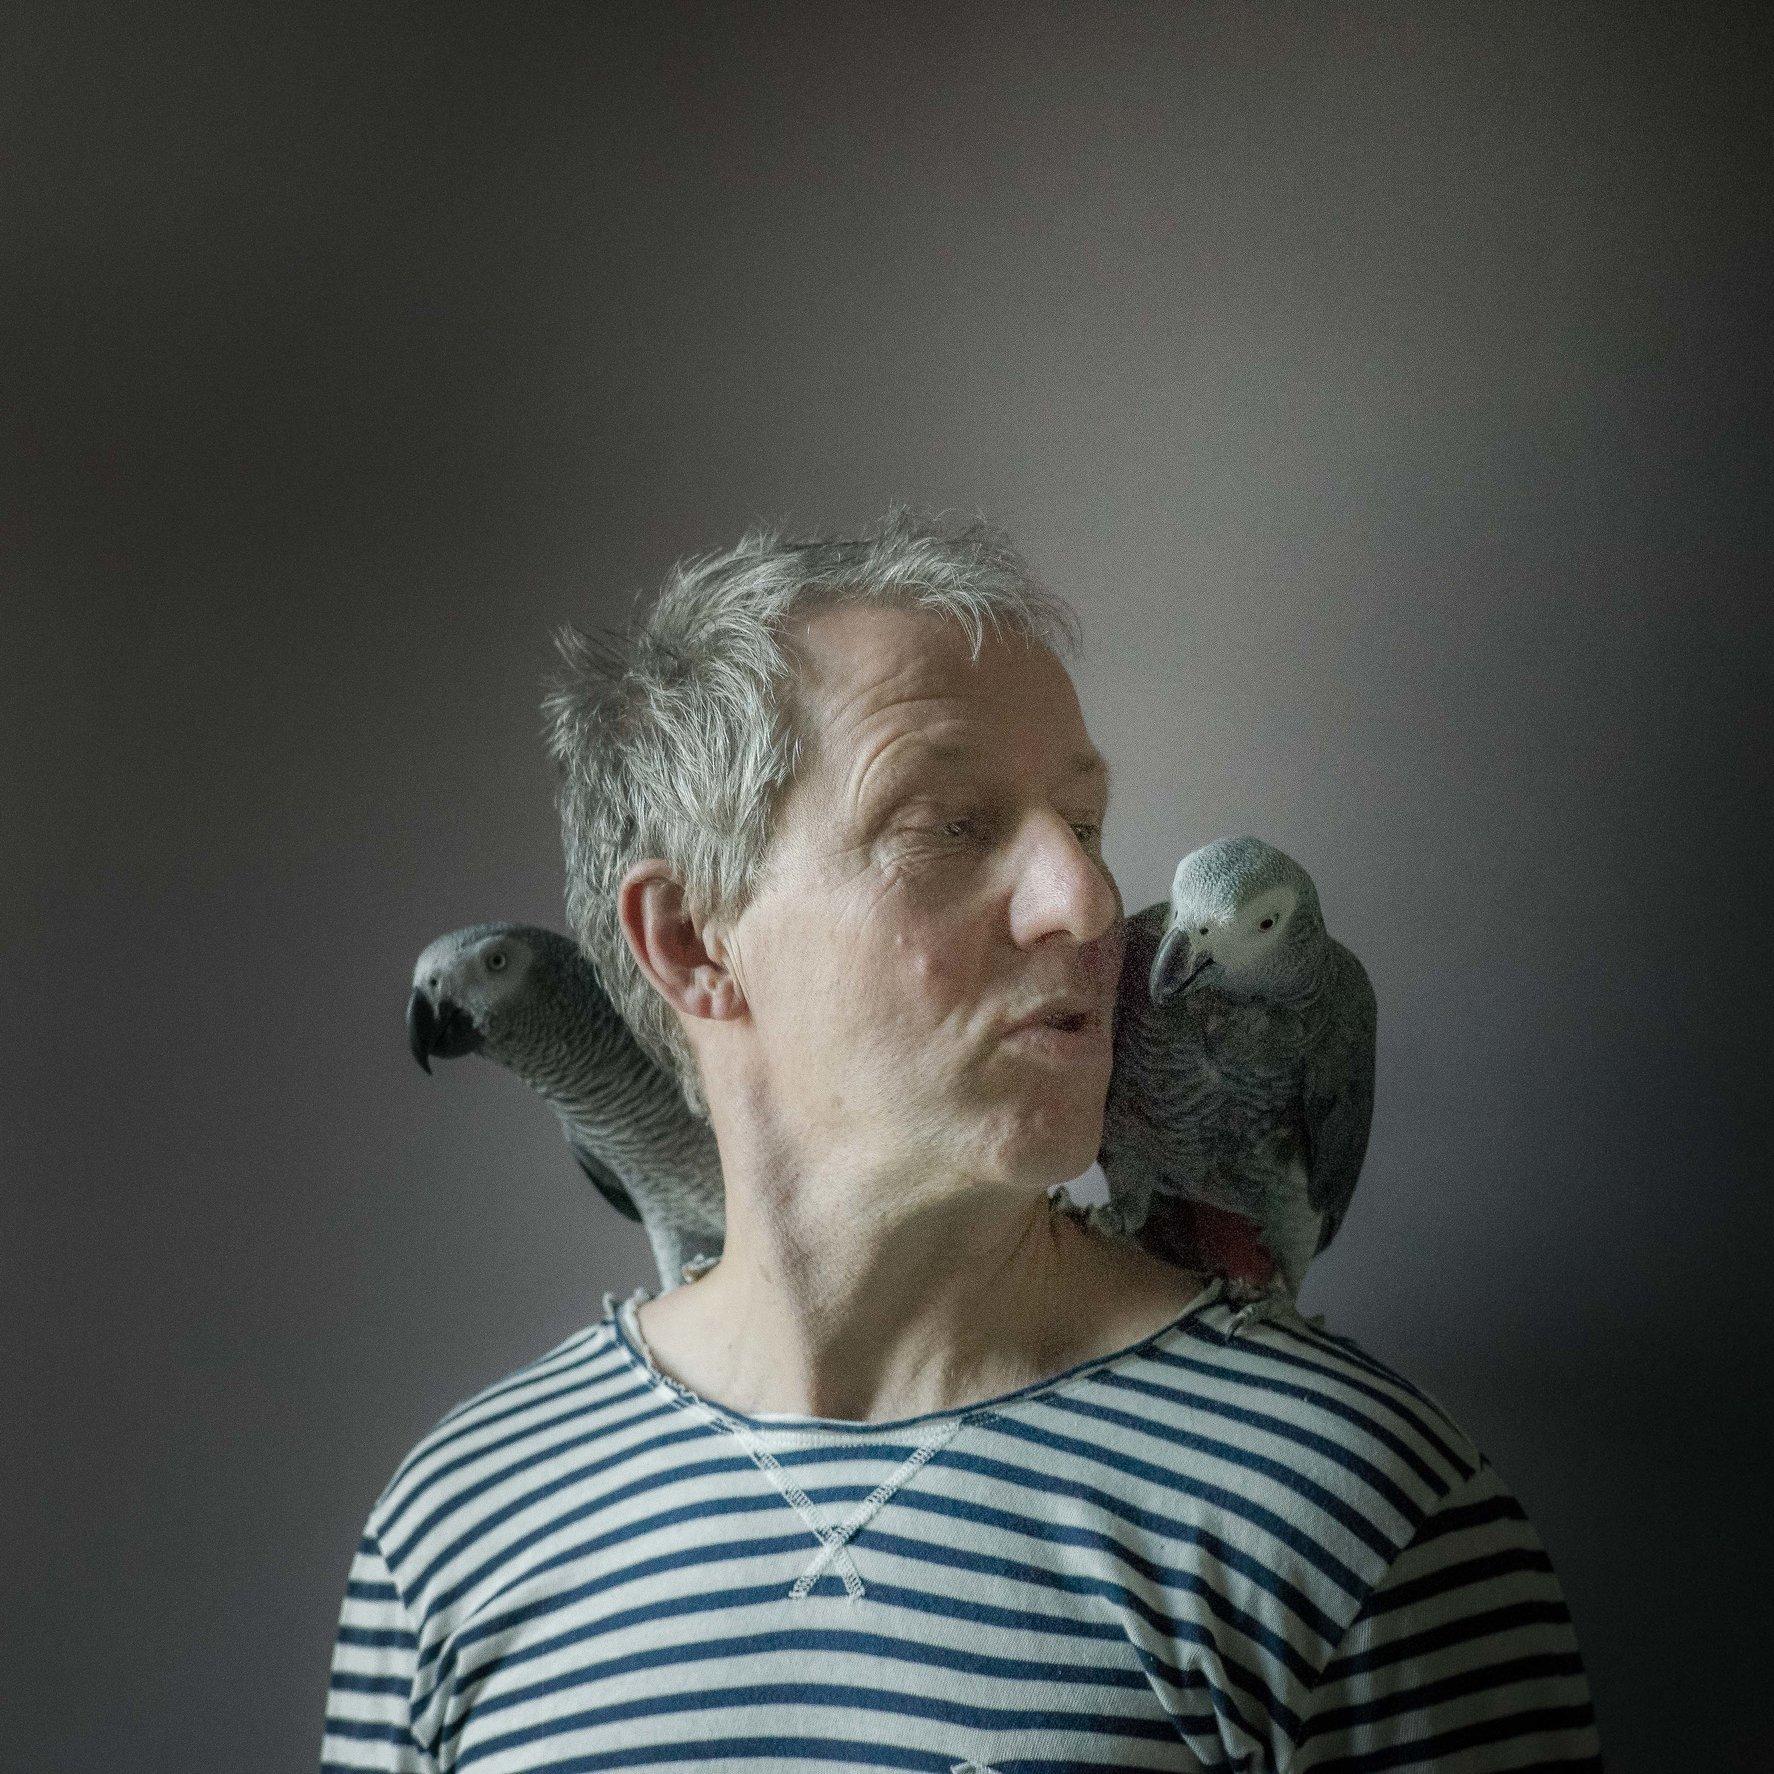 daan _ parrots